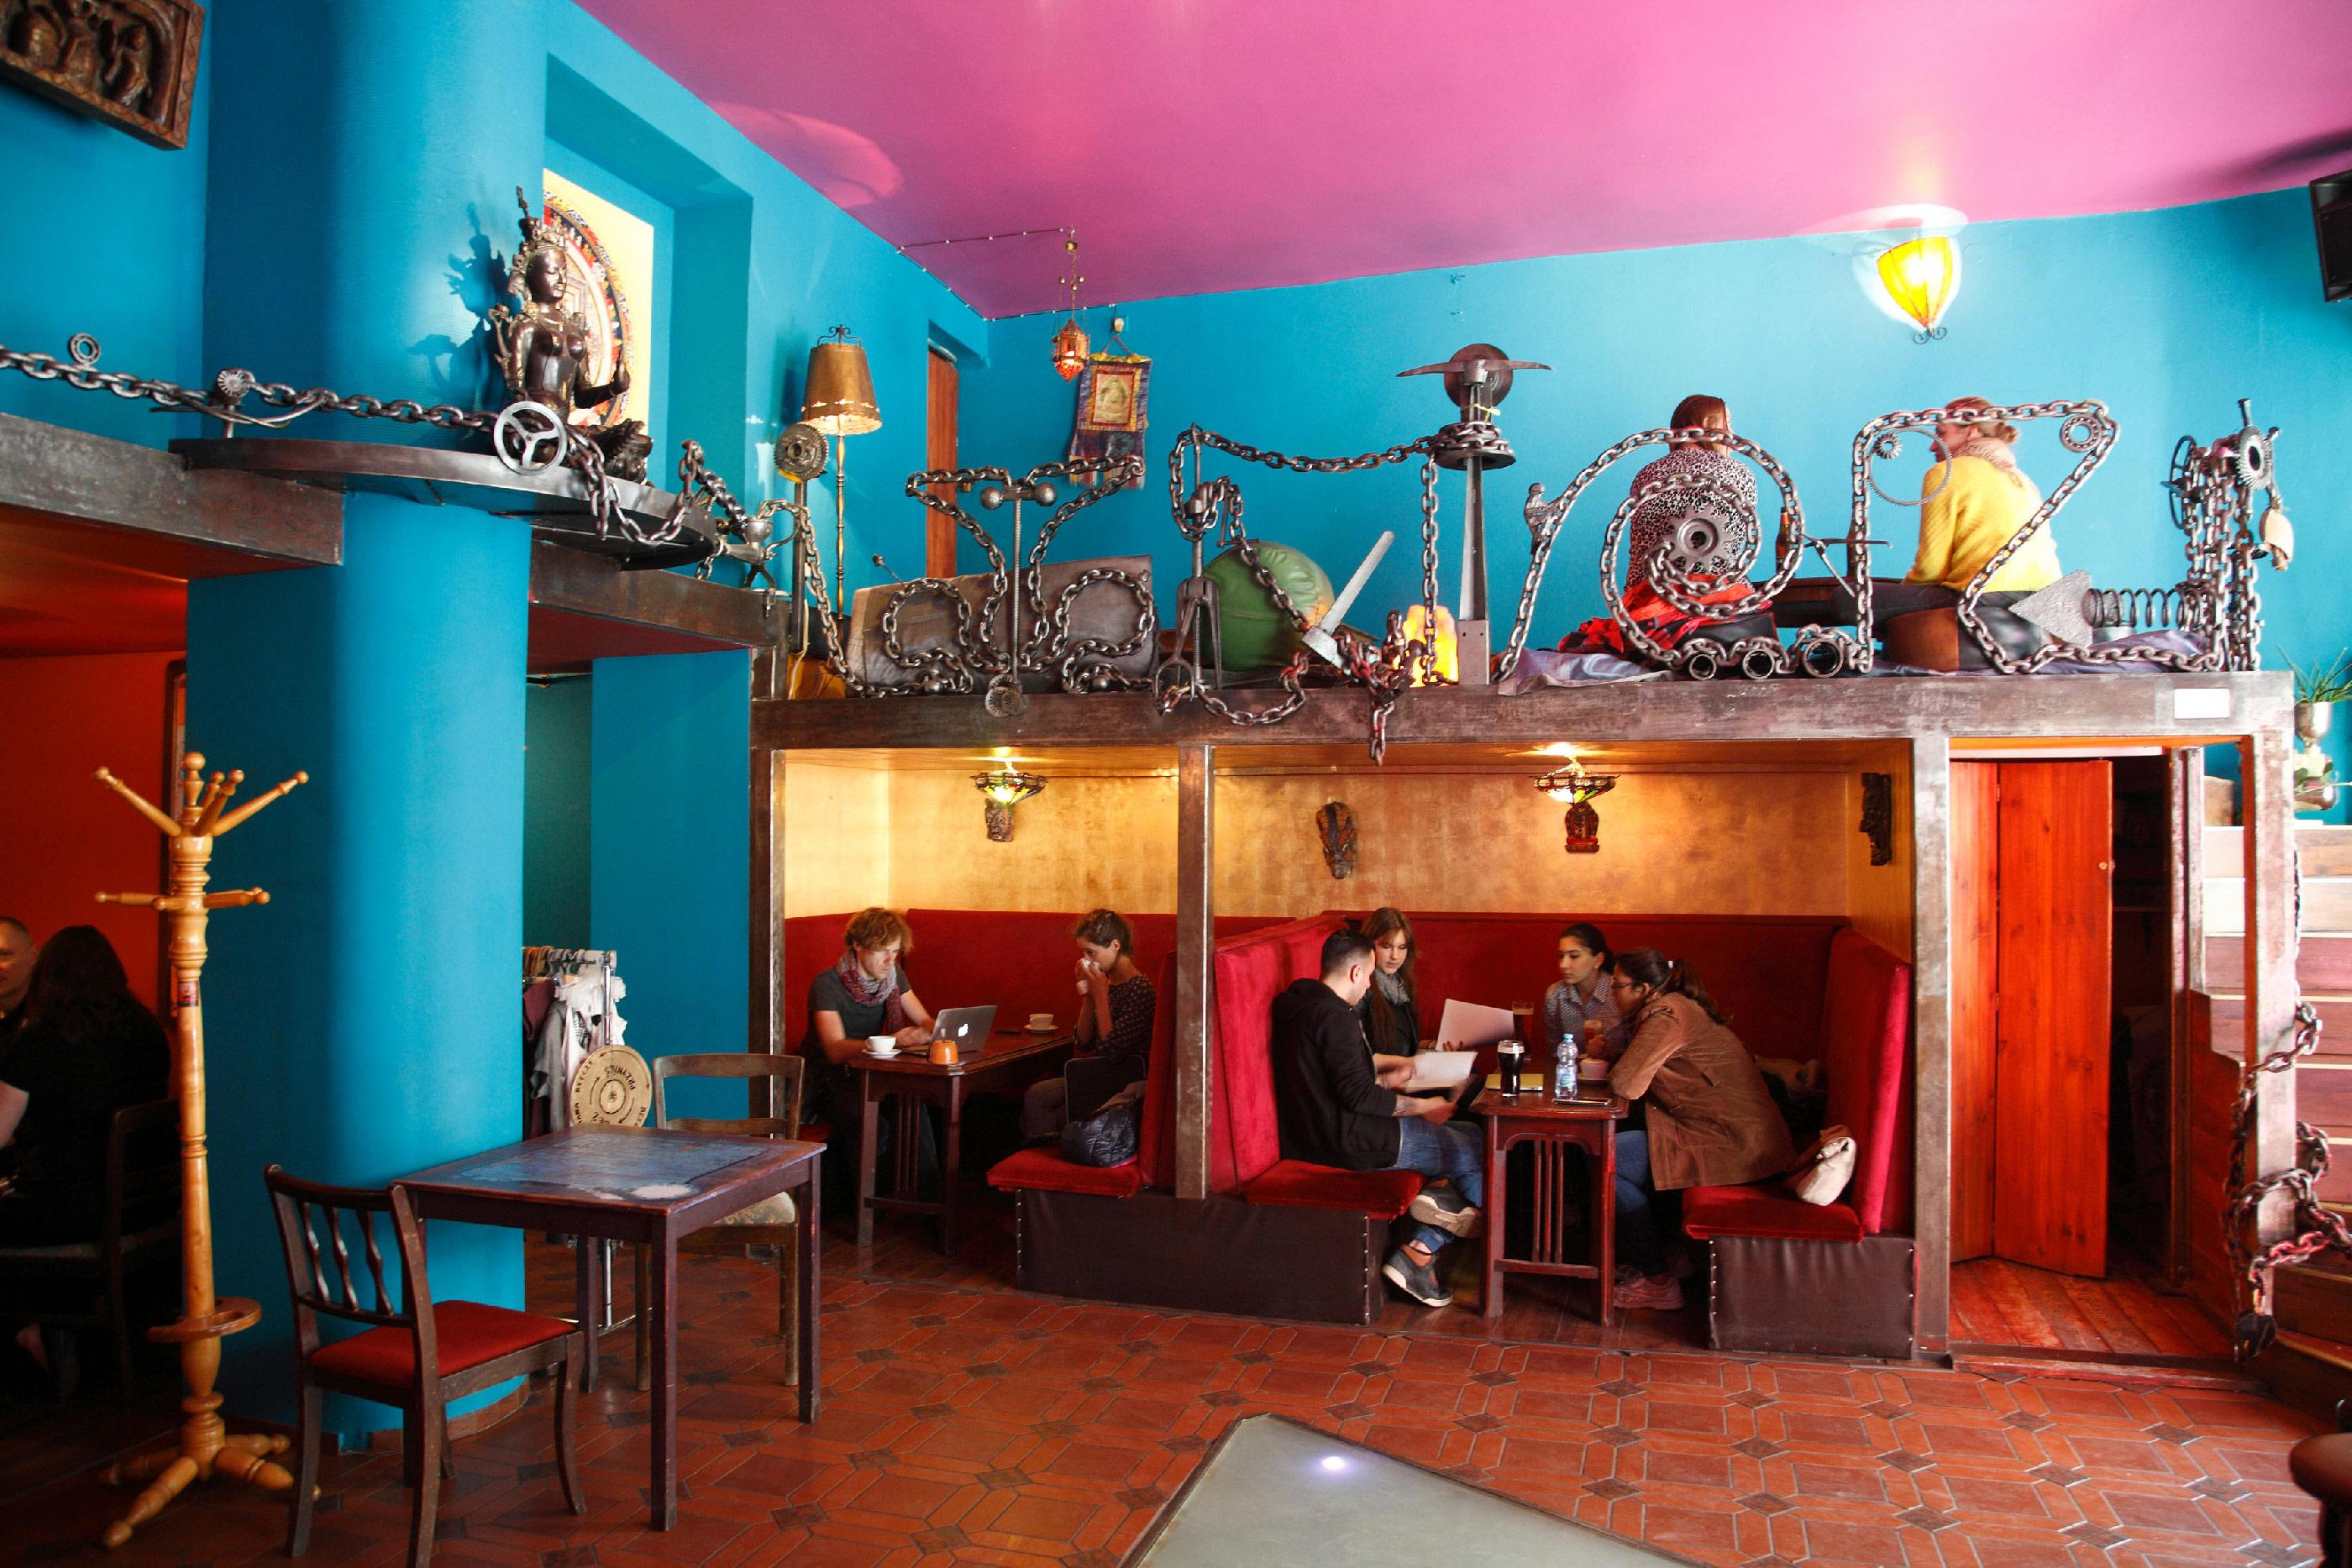 Art Cafe Kalambur, Wroclaw, Silesia, Poland, Europe